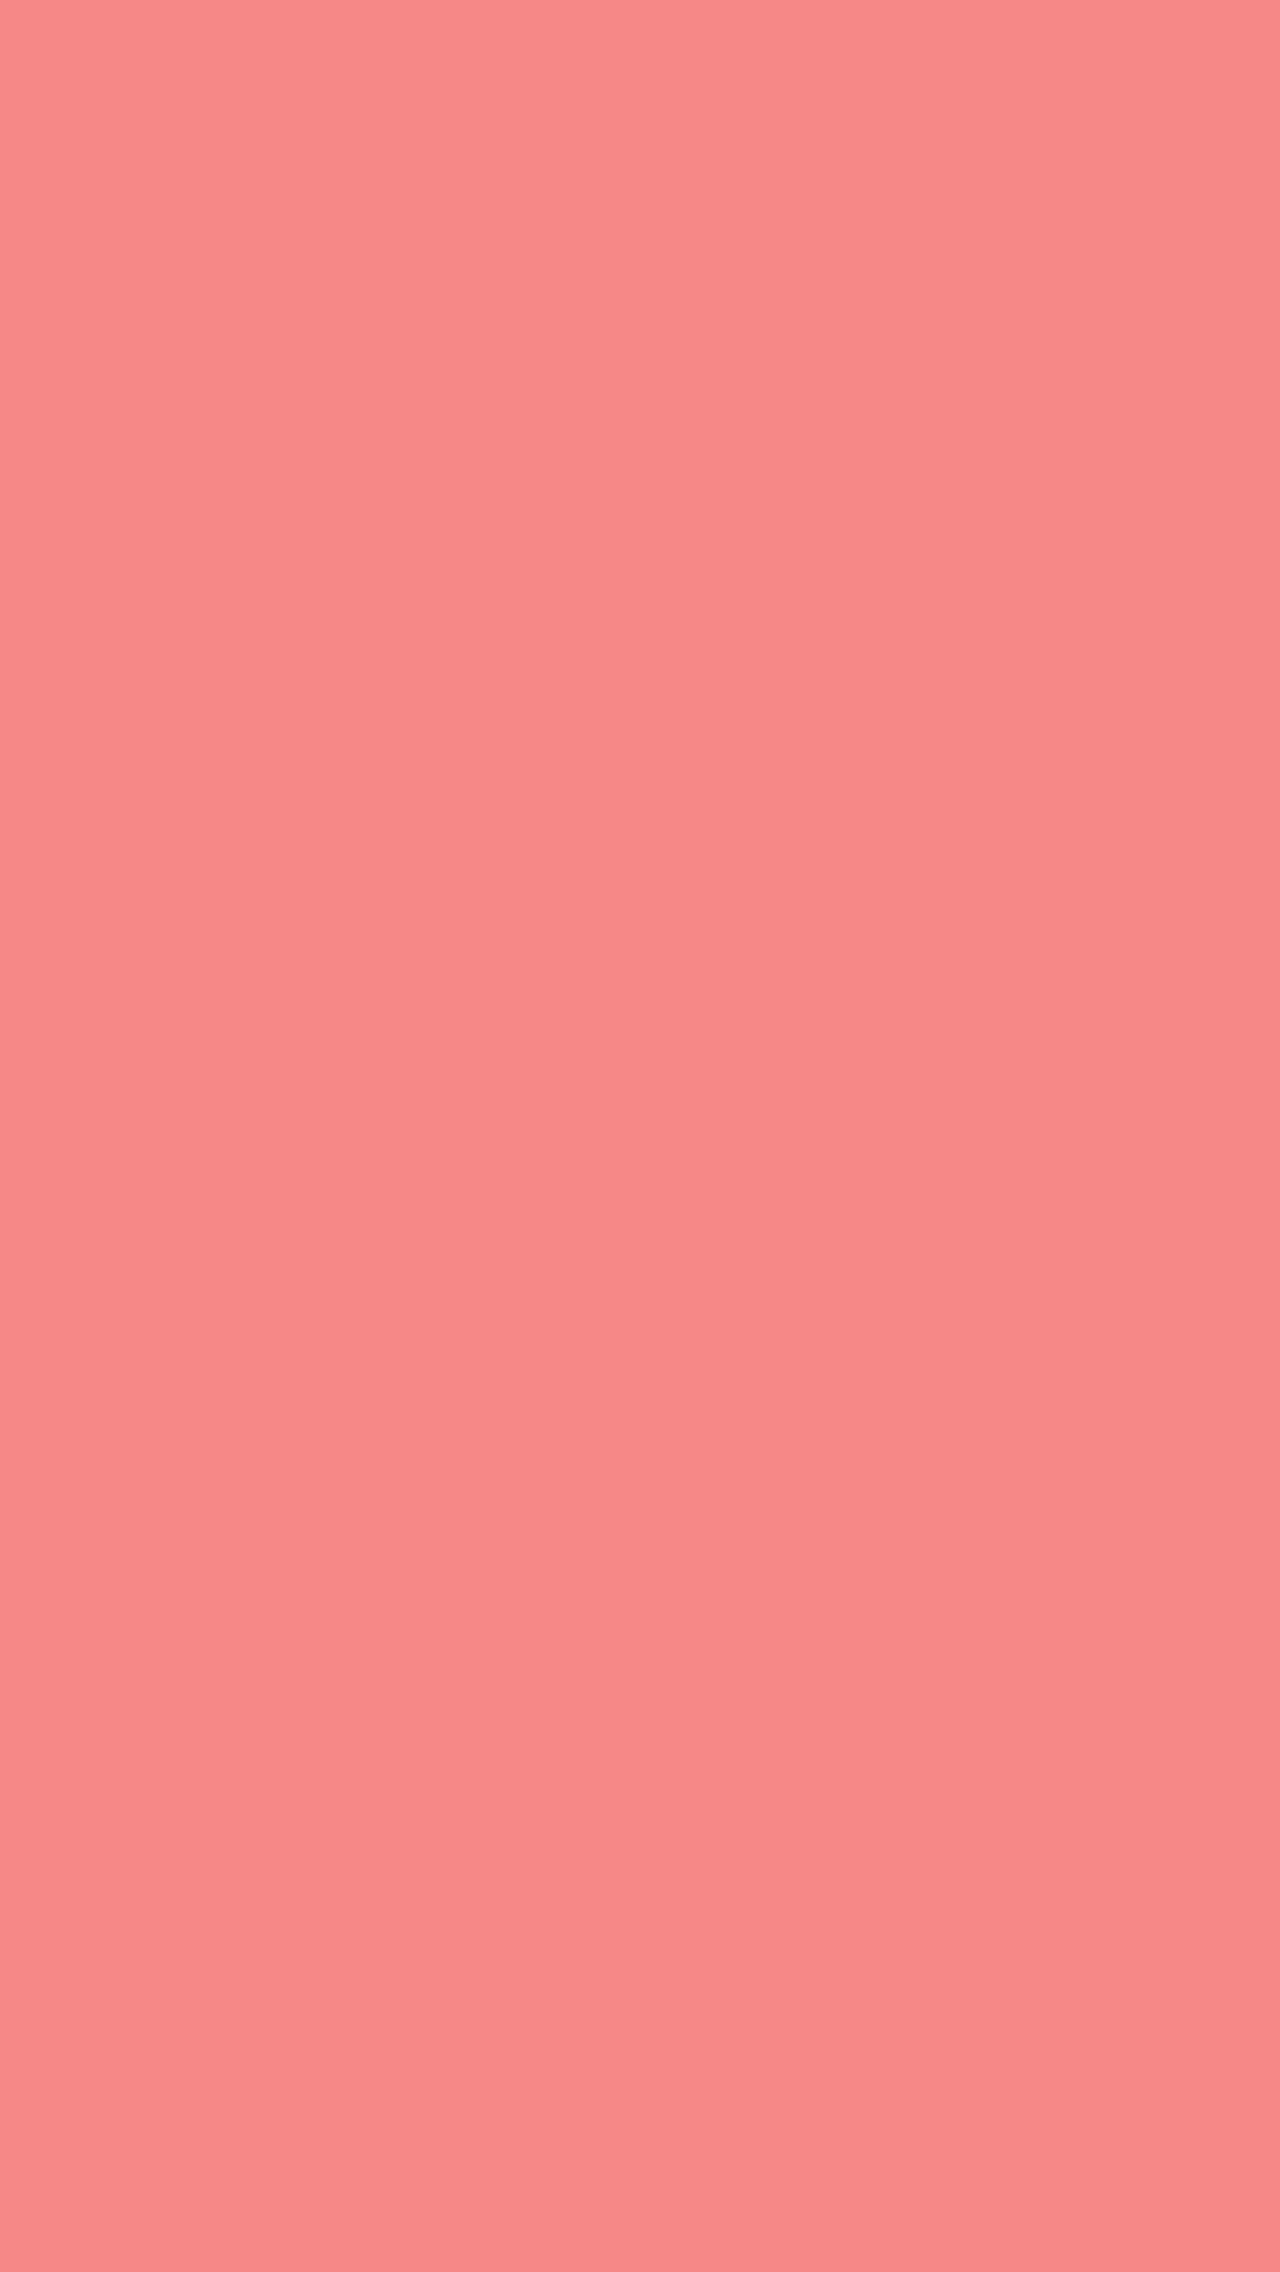 Les couleurs unies fond d'écran couleurs febafcdeebaebbe-s ...